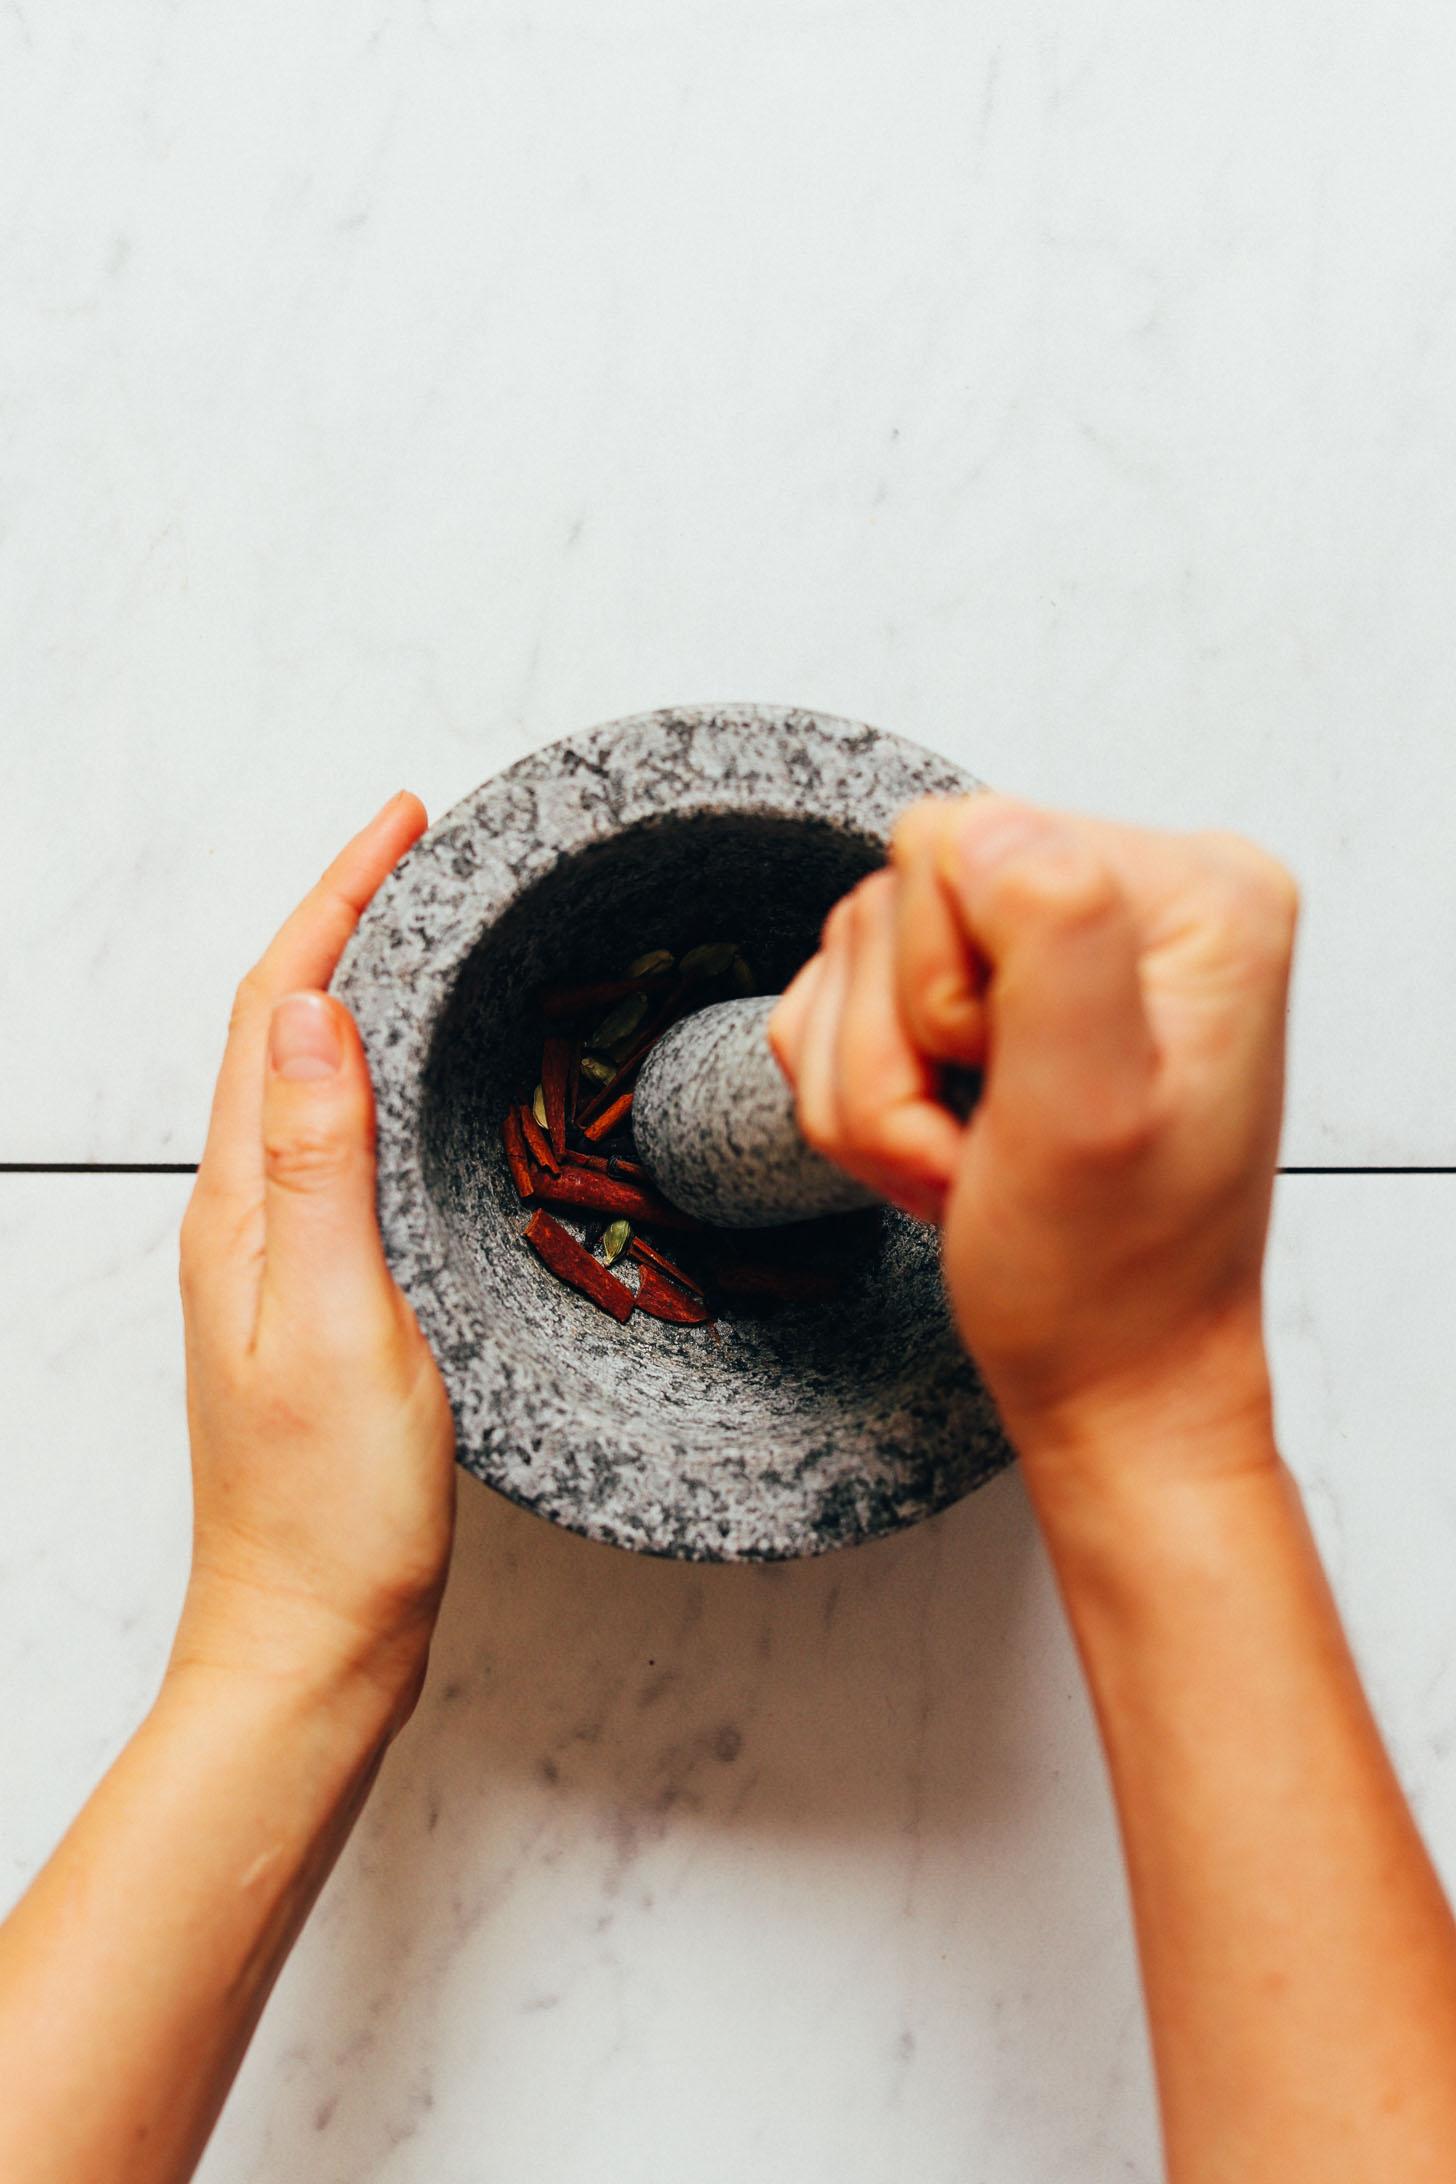 Usando un mortero y una mano de mortero para moler ligeramente las especias enteras para hacer té Chai casero